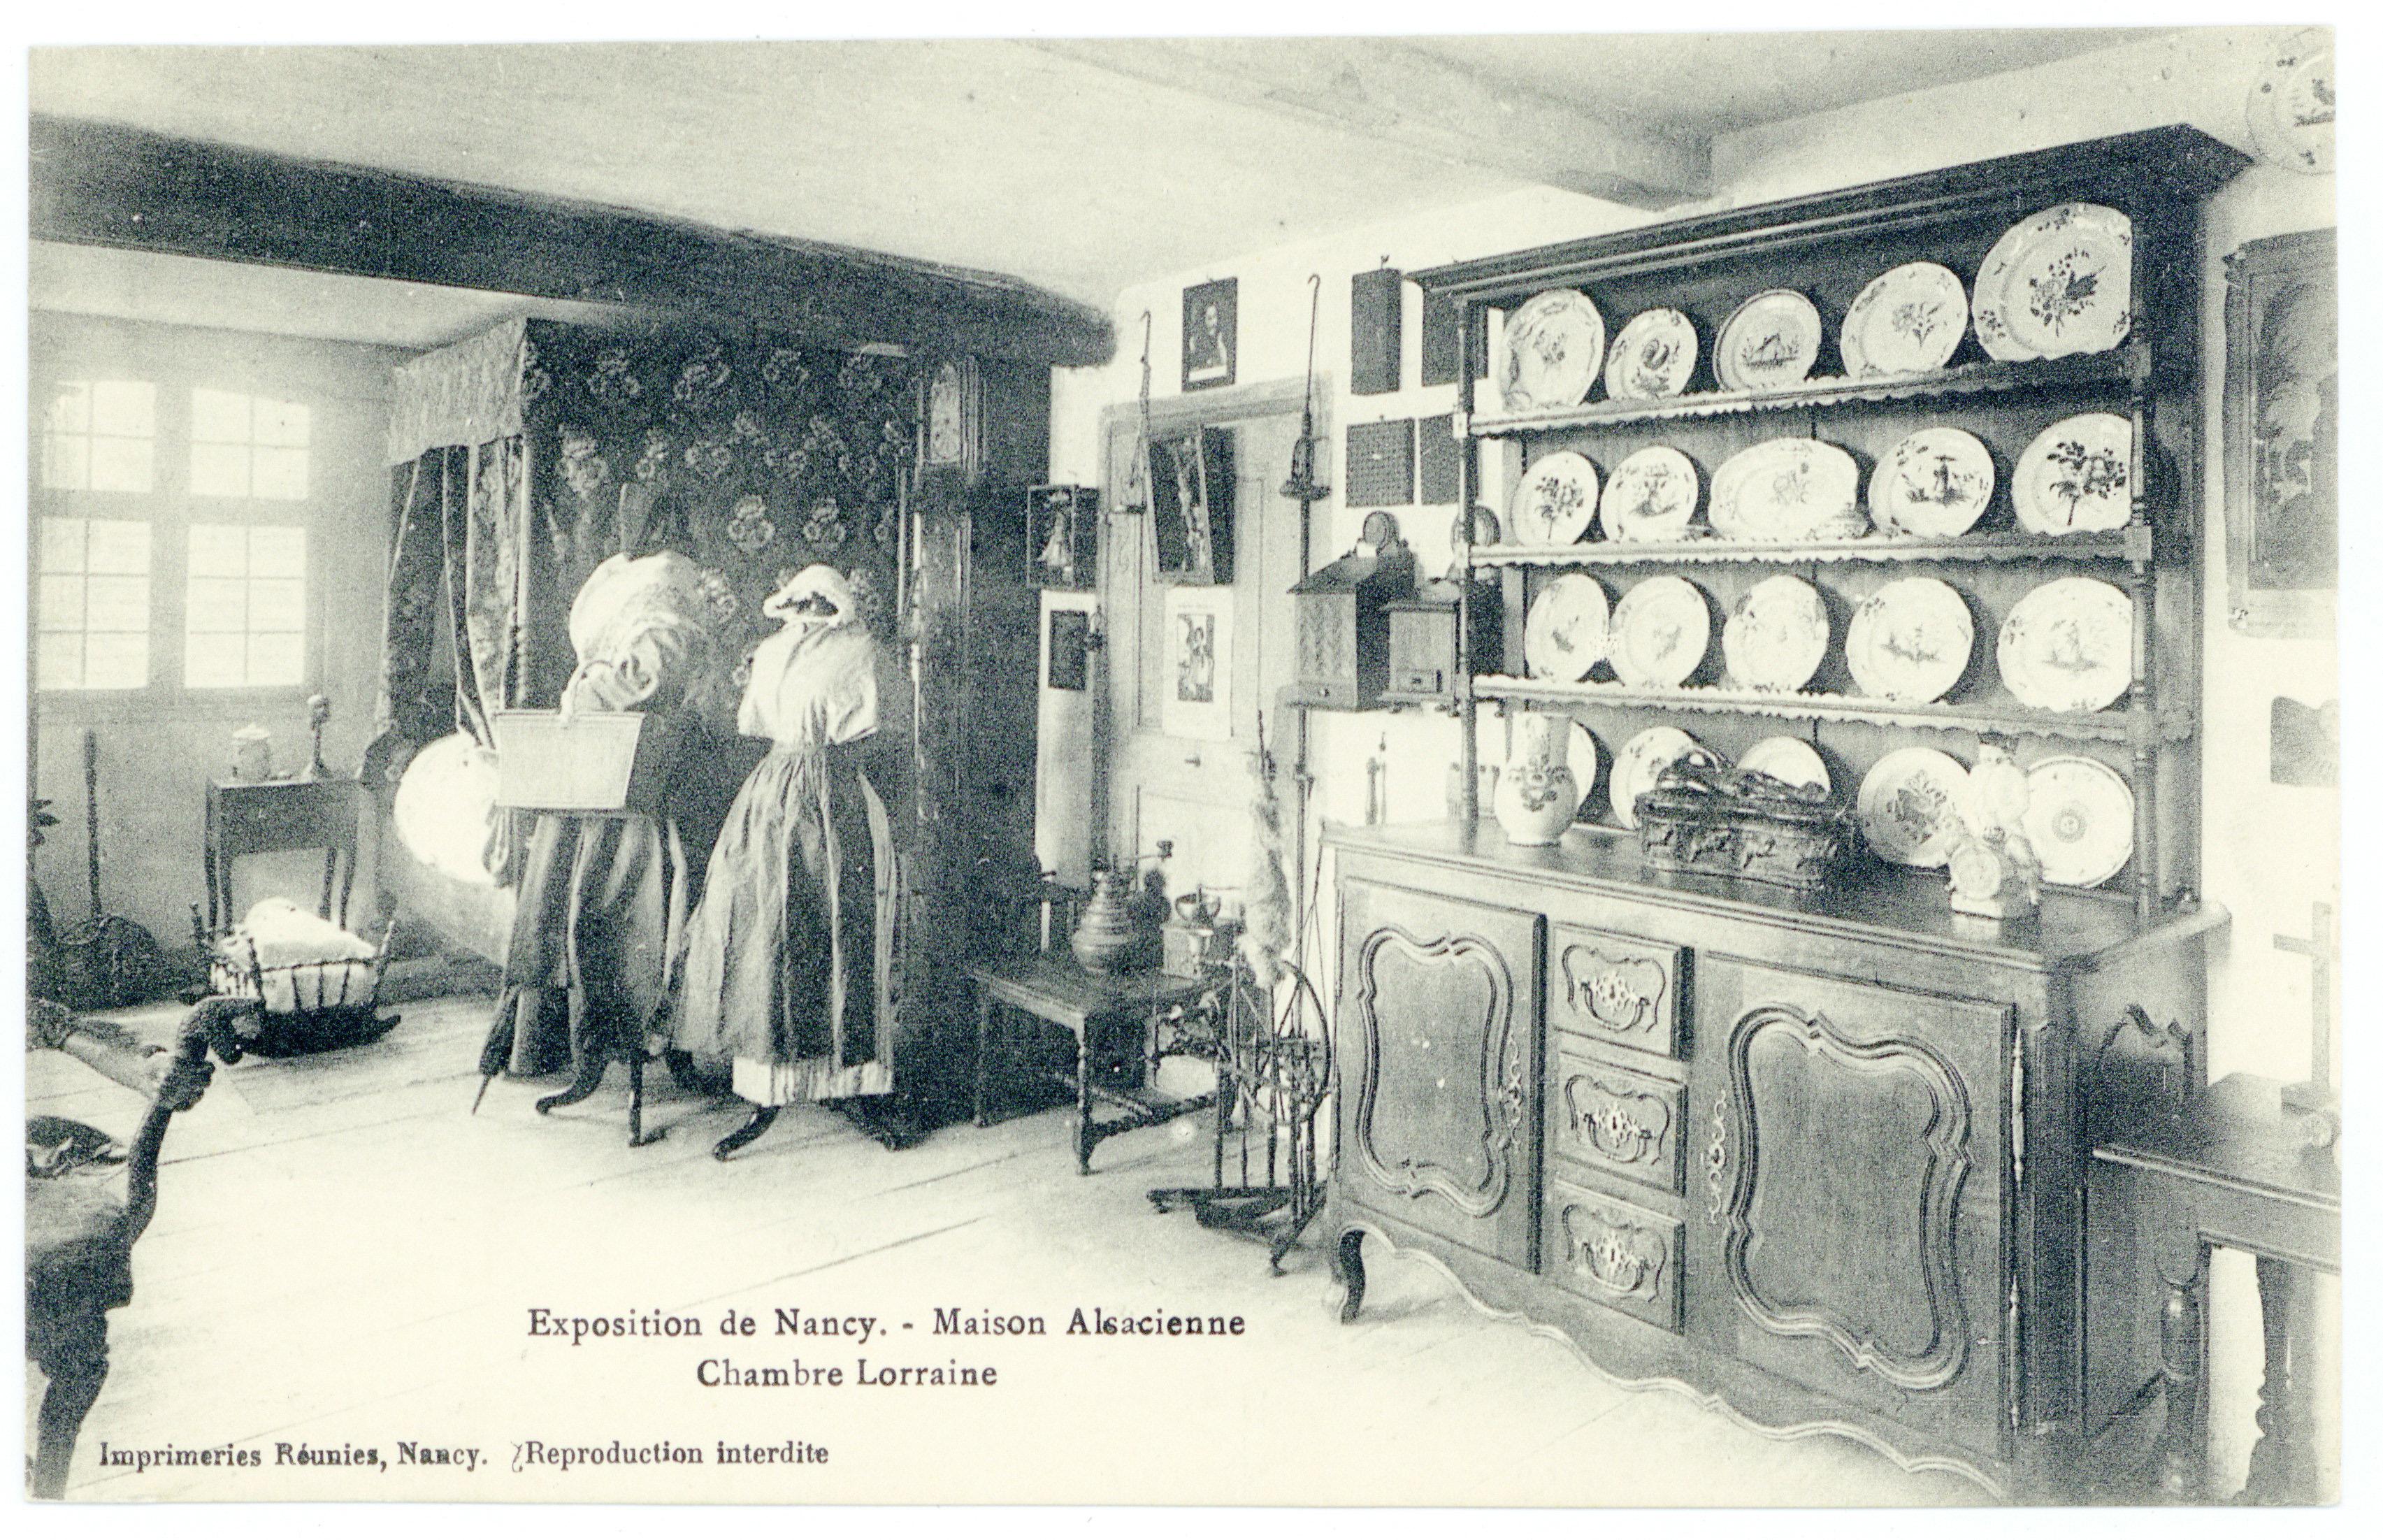 Contenu du Chambre lorraine : exposition de Nancy, maison alsacienne